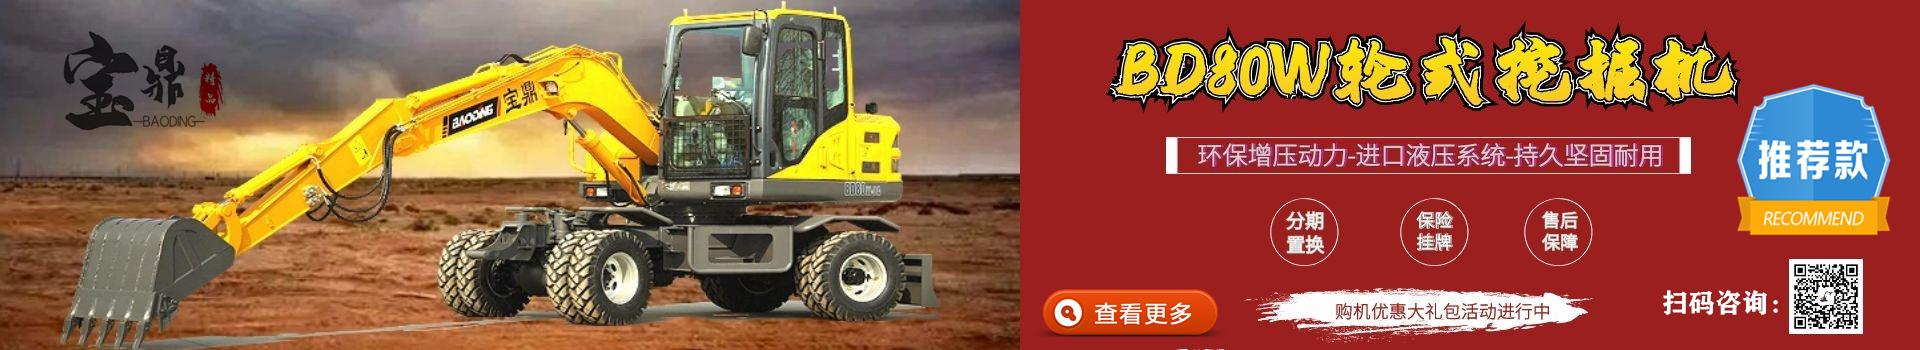 宝鼎轮式挖掘机品牌推荐产品-80型号轮式挖掘机